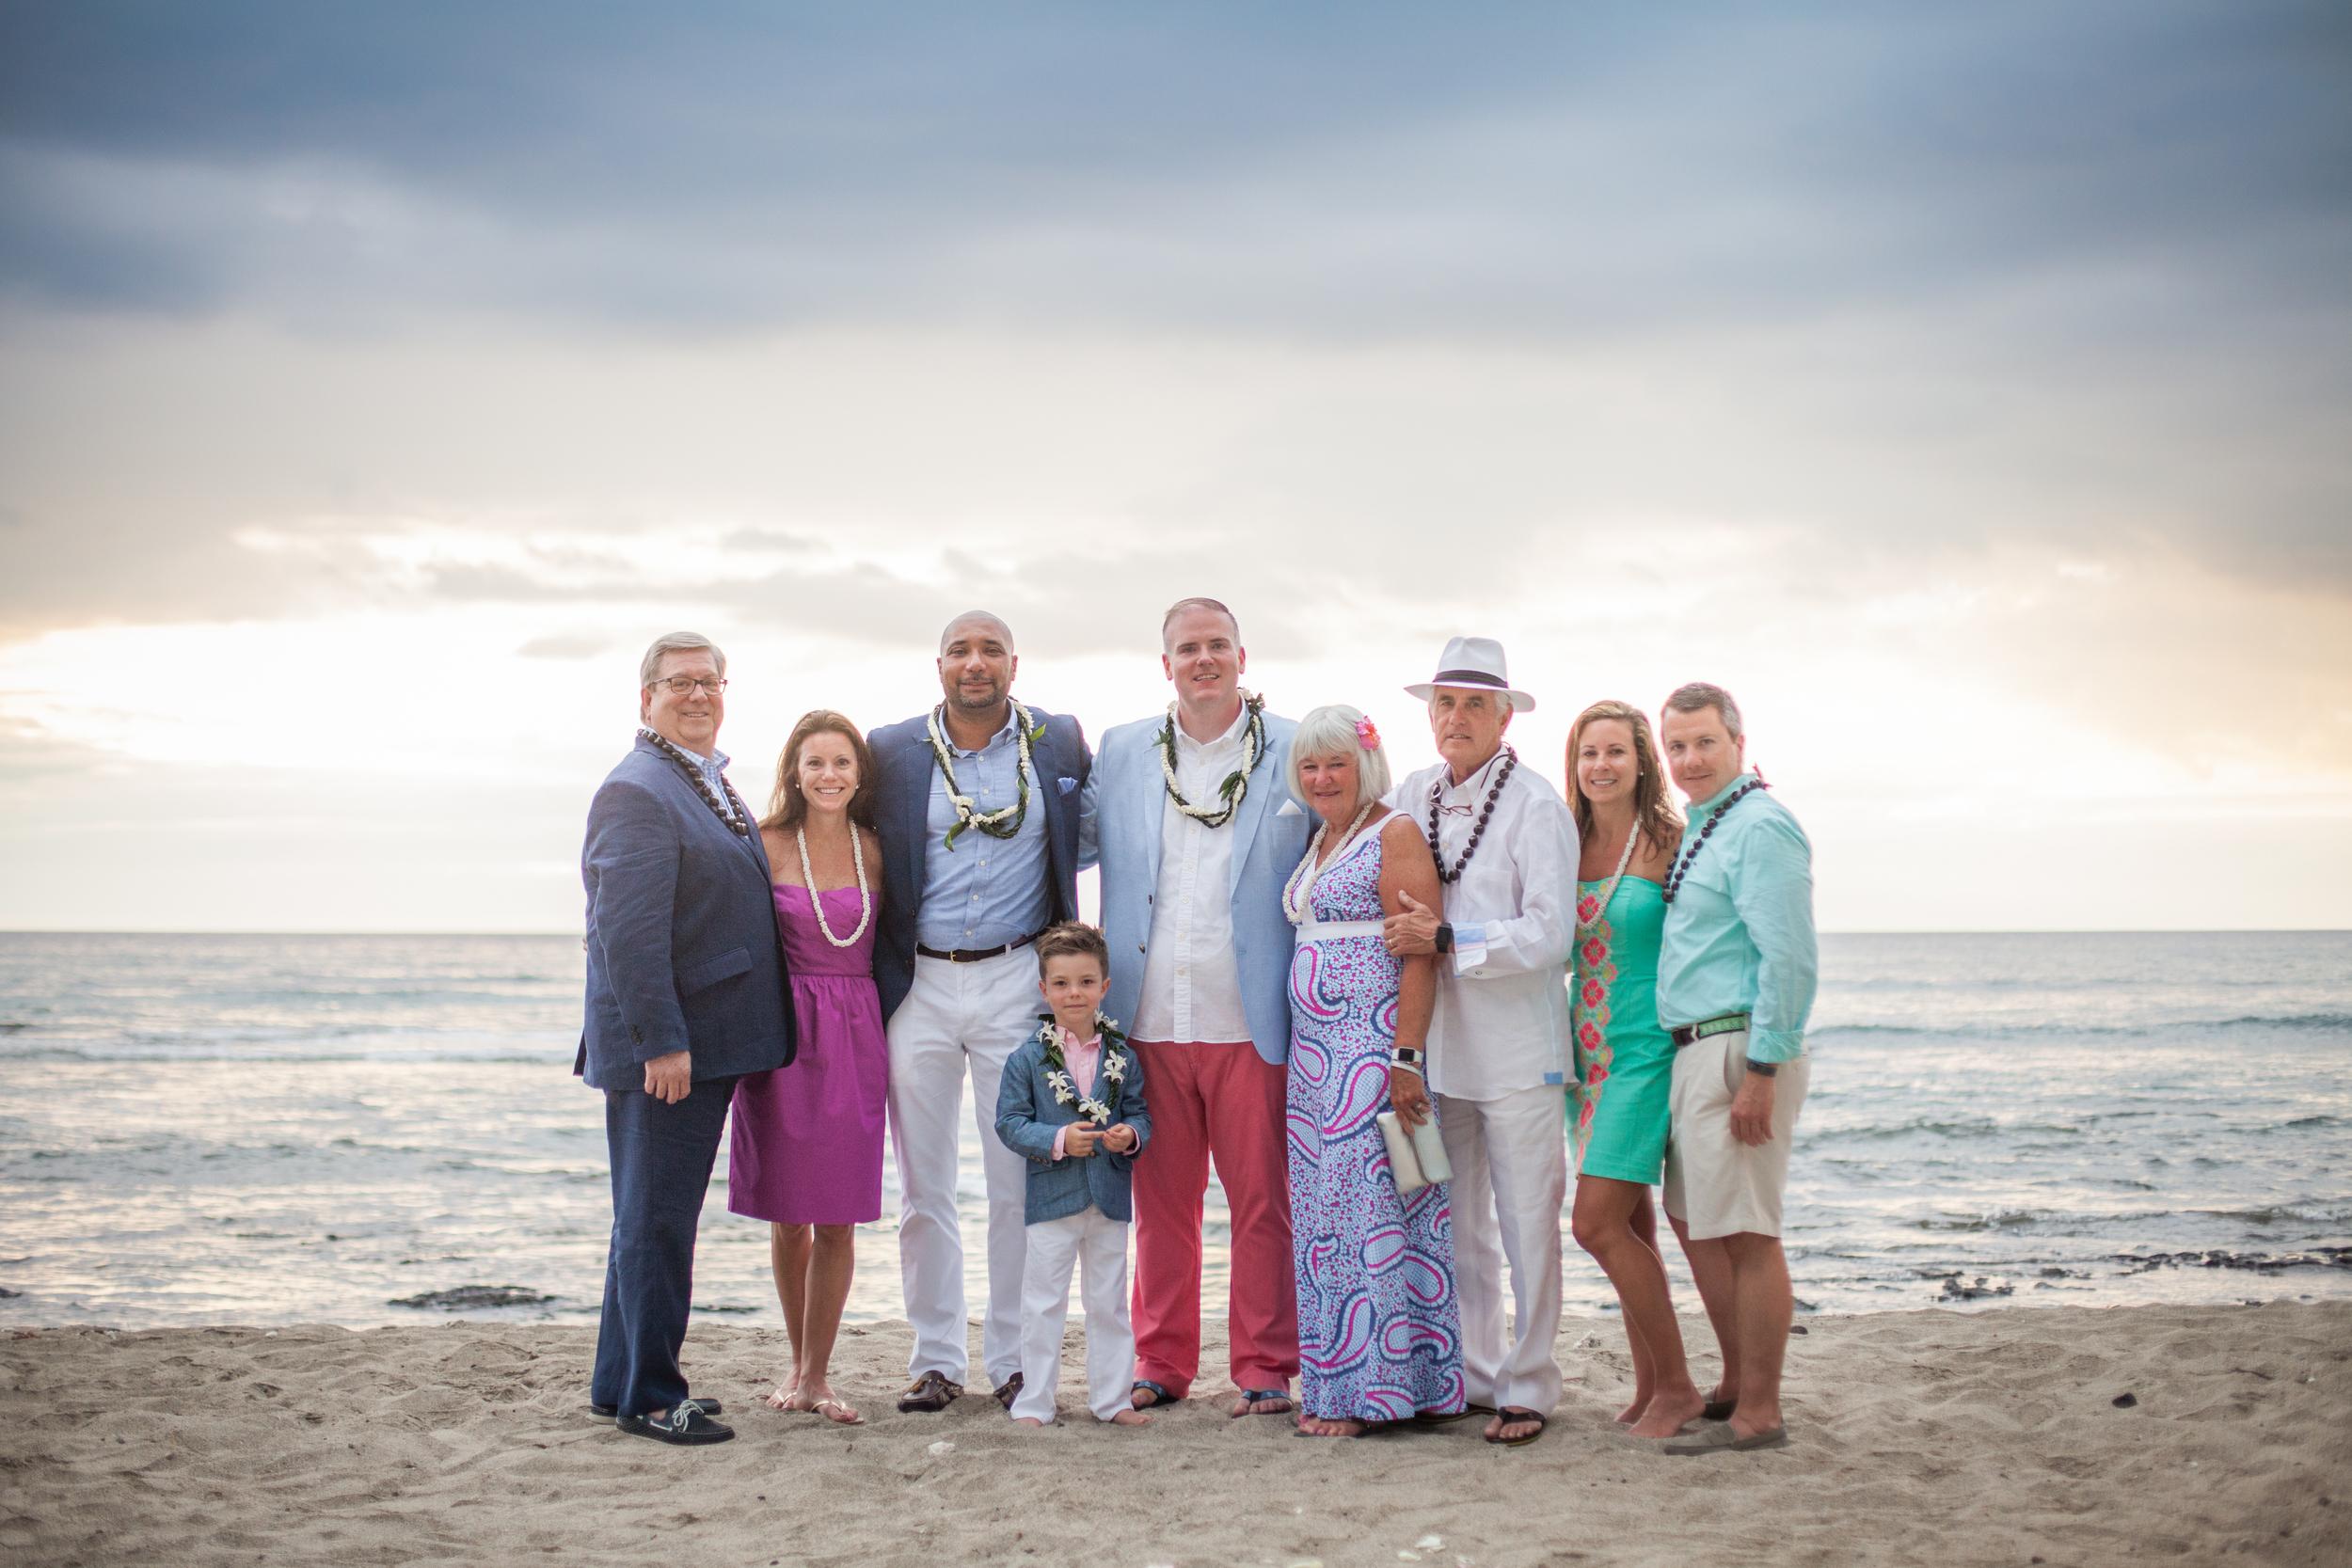 big island hawaii rmauna lani beach wedding © kelilina photography 20160601183936-3.jpg